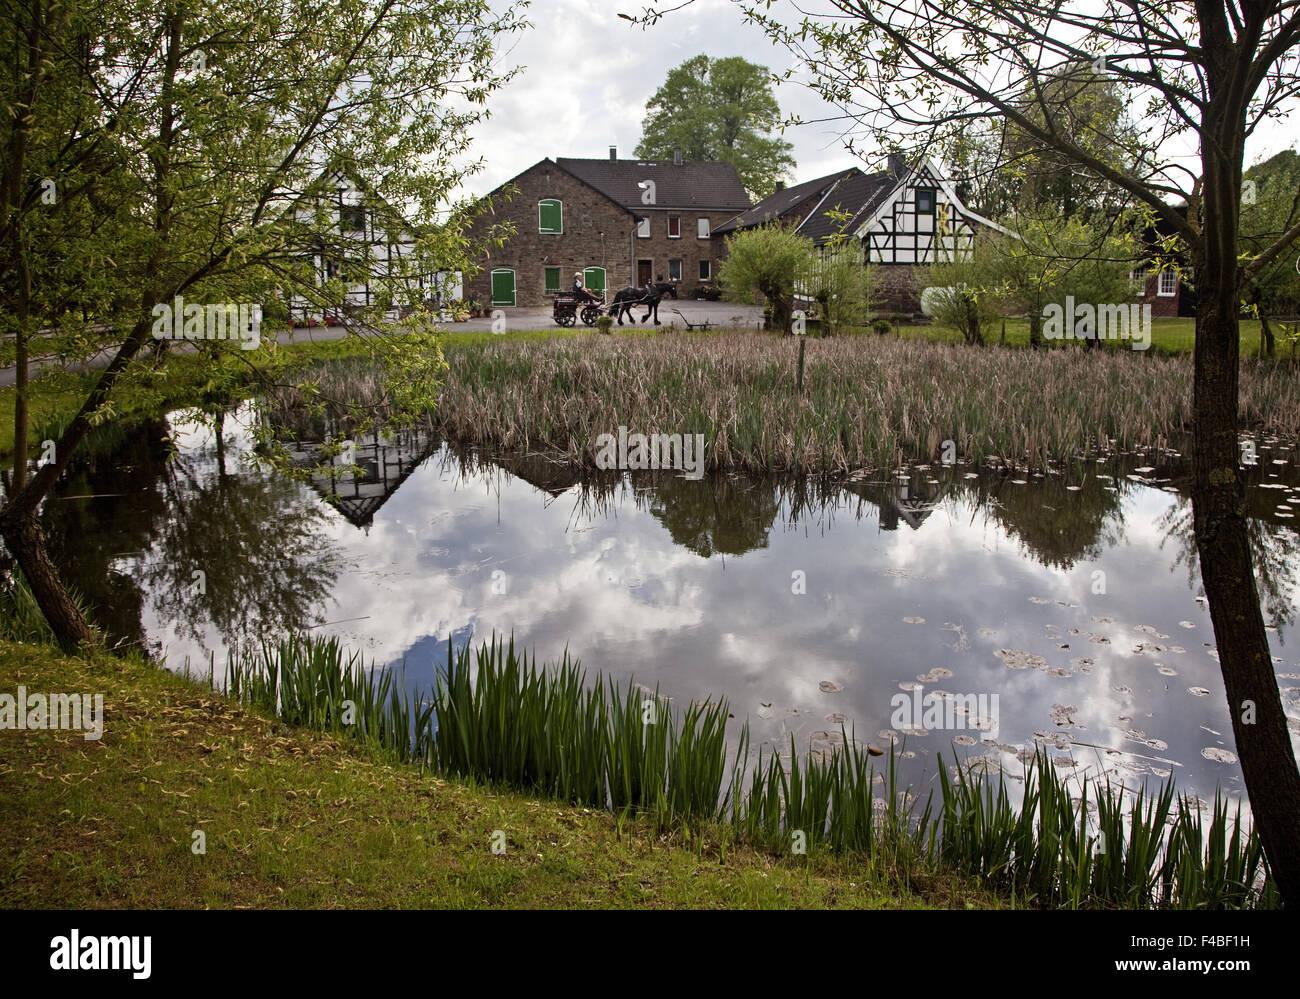 Farm, Sprockhoevel, Germany. - Stock Image